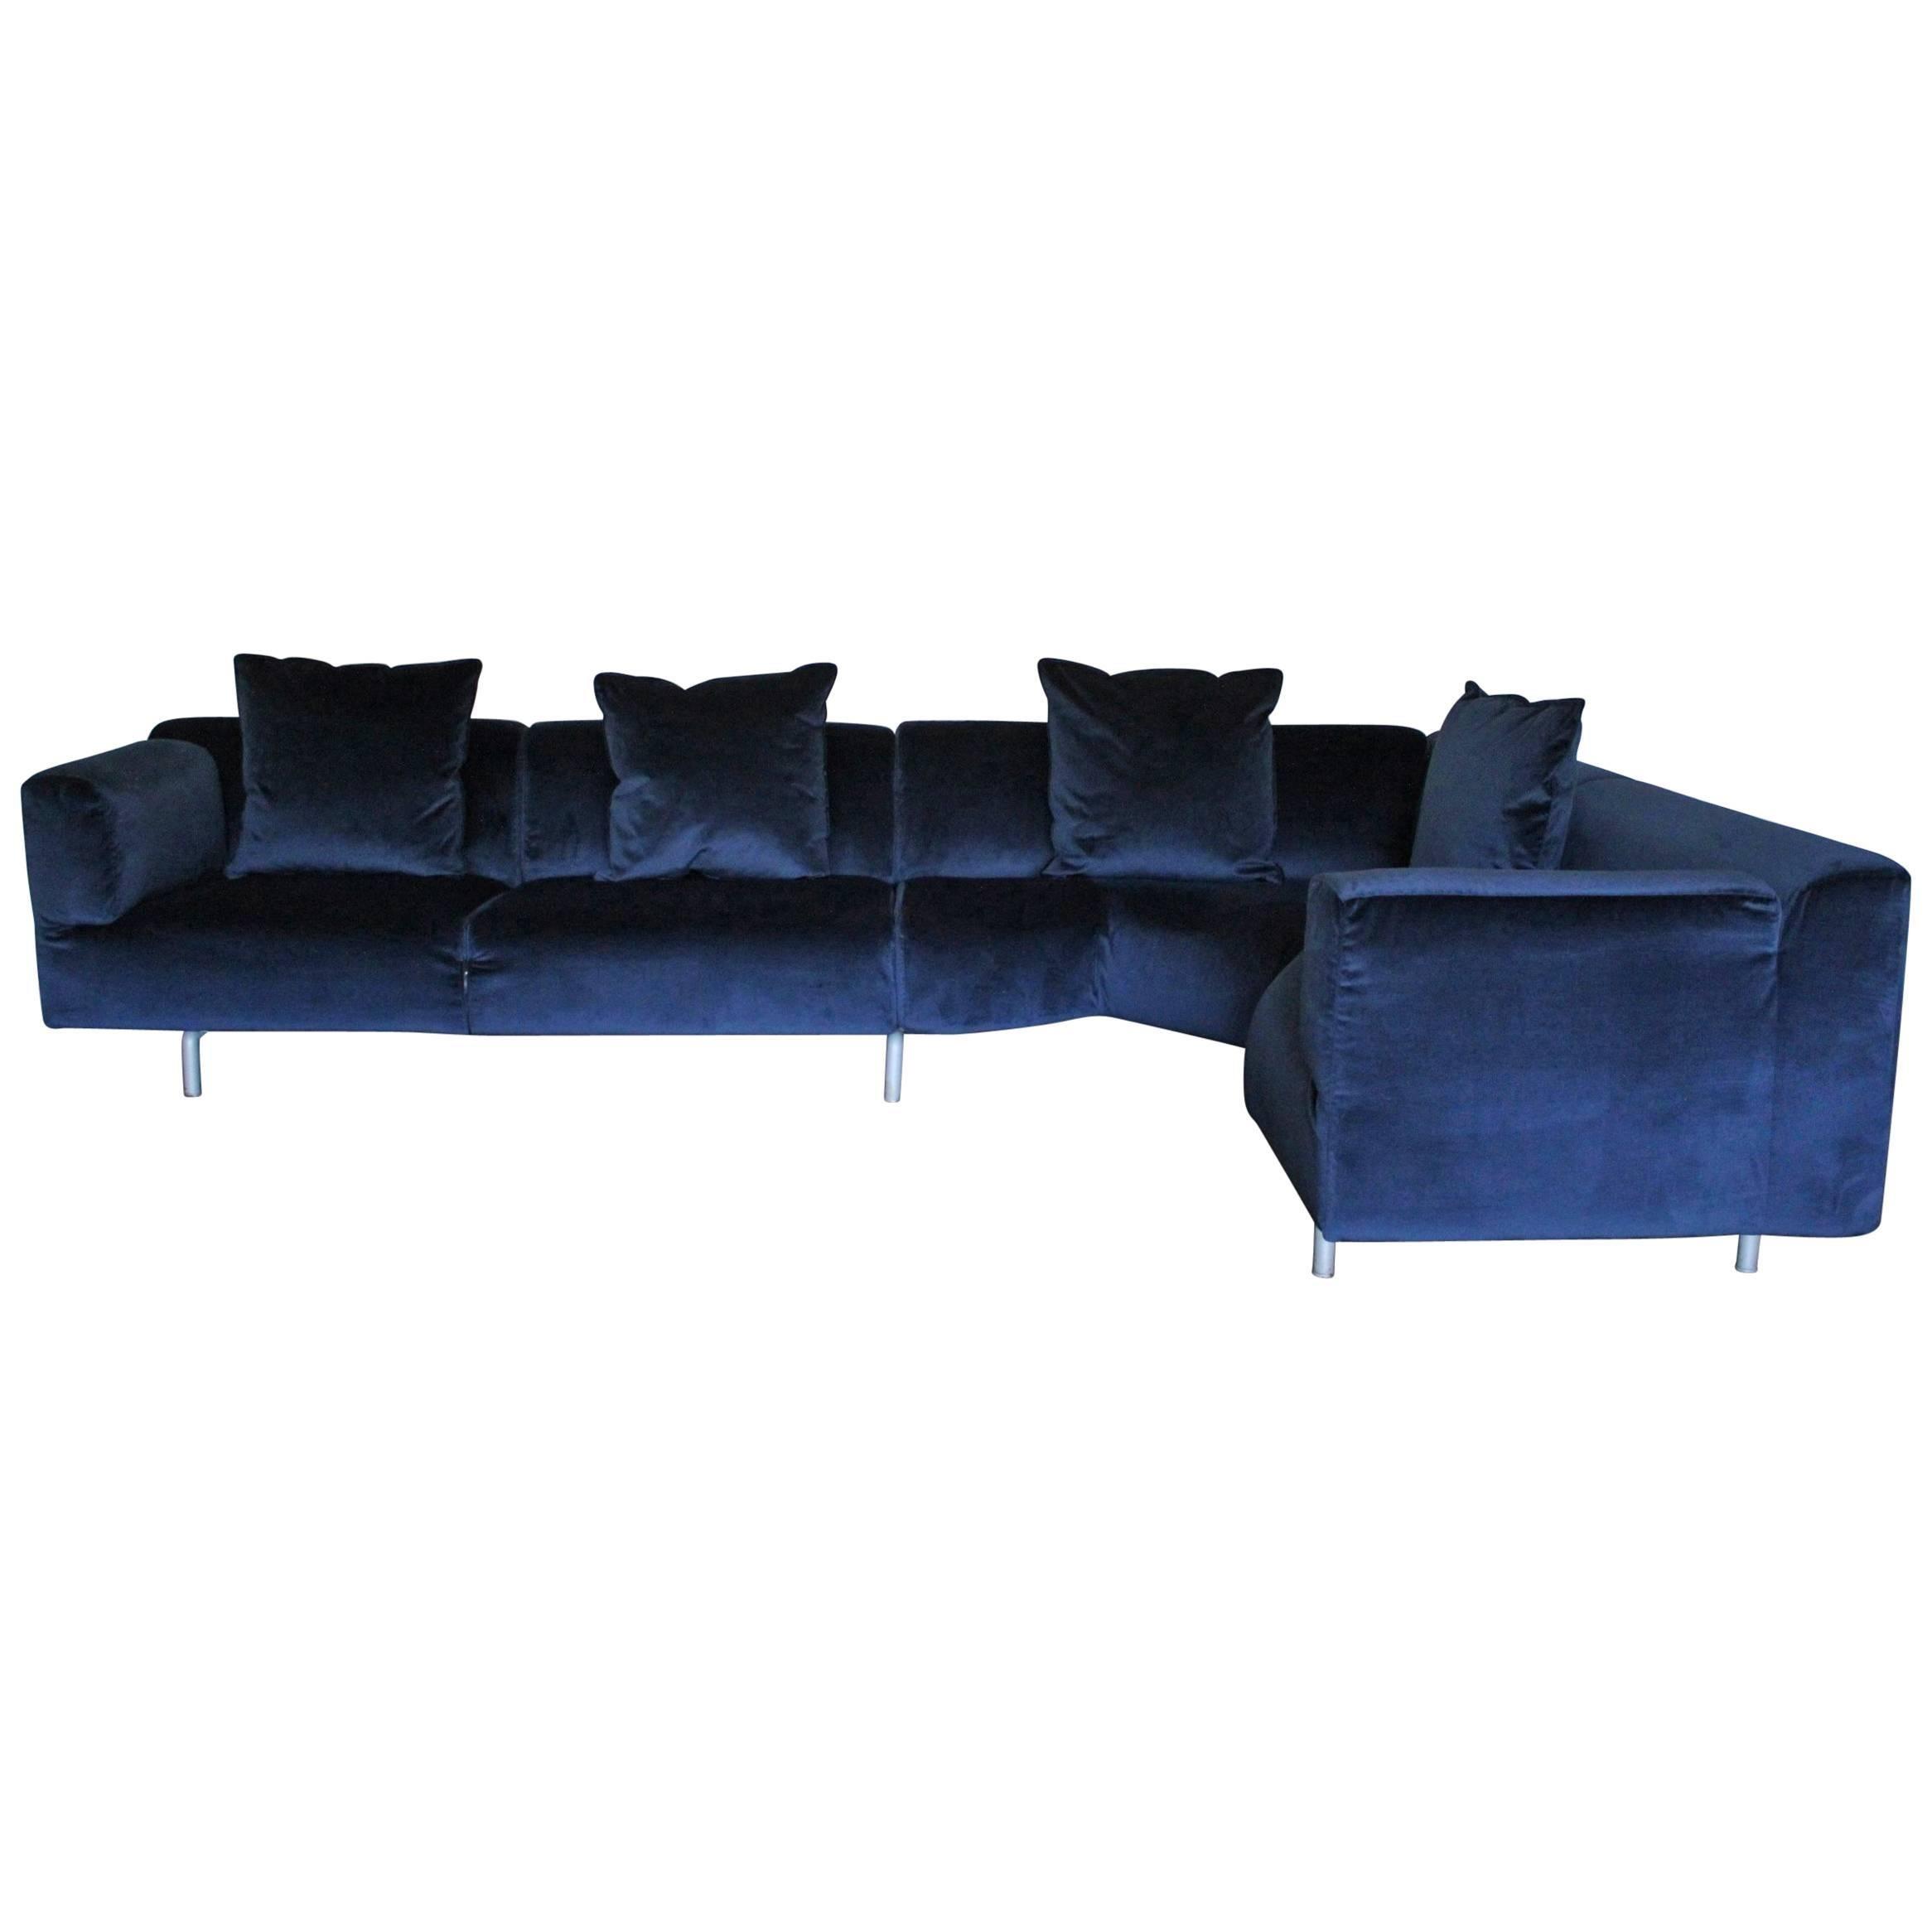 Cassina u201c250 Metu201d L-Shape Sectional Sofa in Navy Blue Velvet 1  sc 1 st  1stDibs : navy velvet sectional - Sectionals, Sofas & Couches